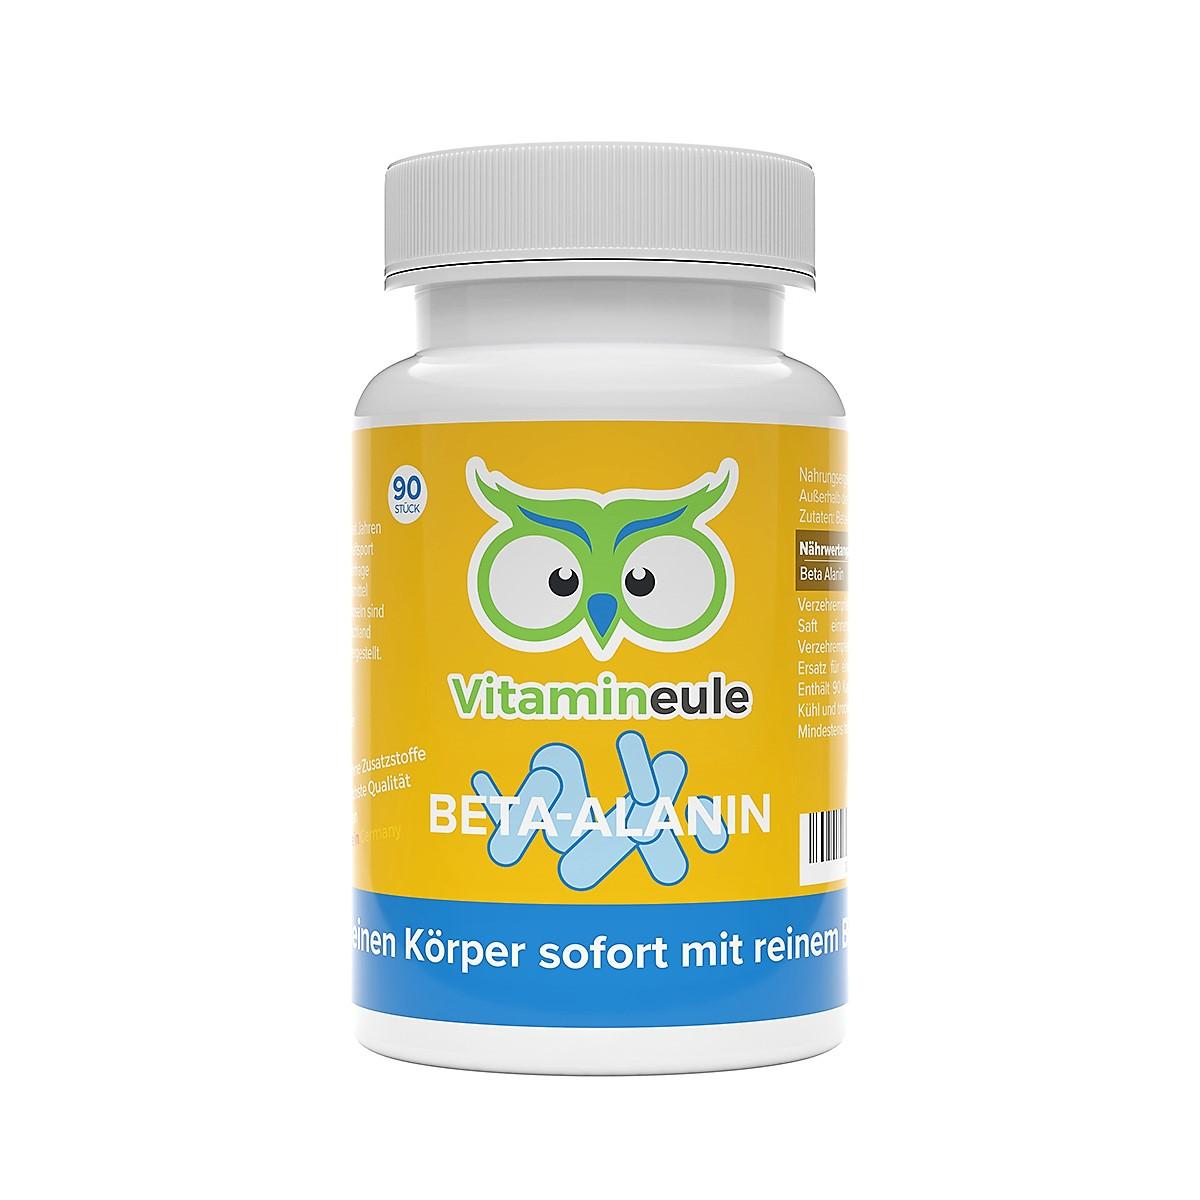 Beta-Alanin Kapseln von Vitamineule